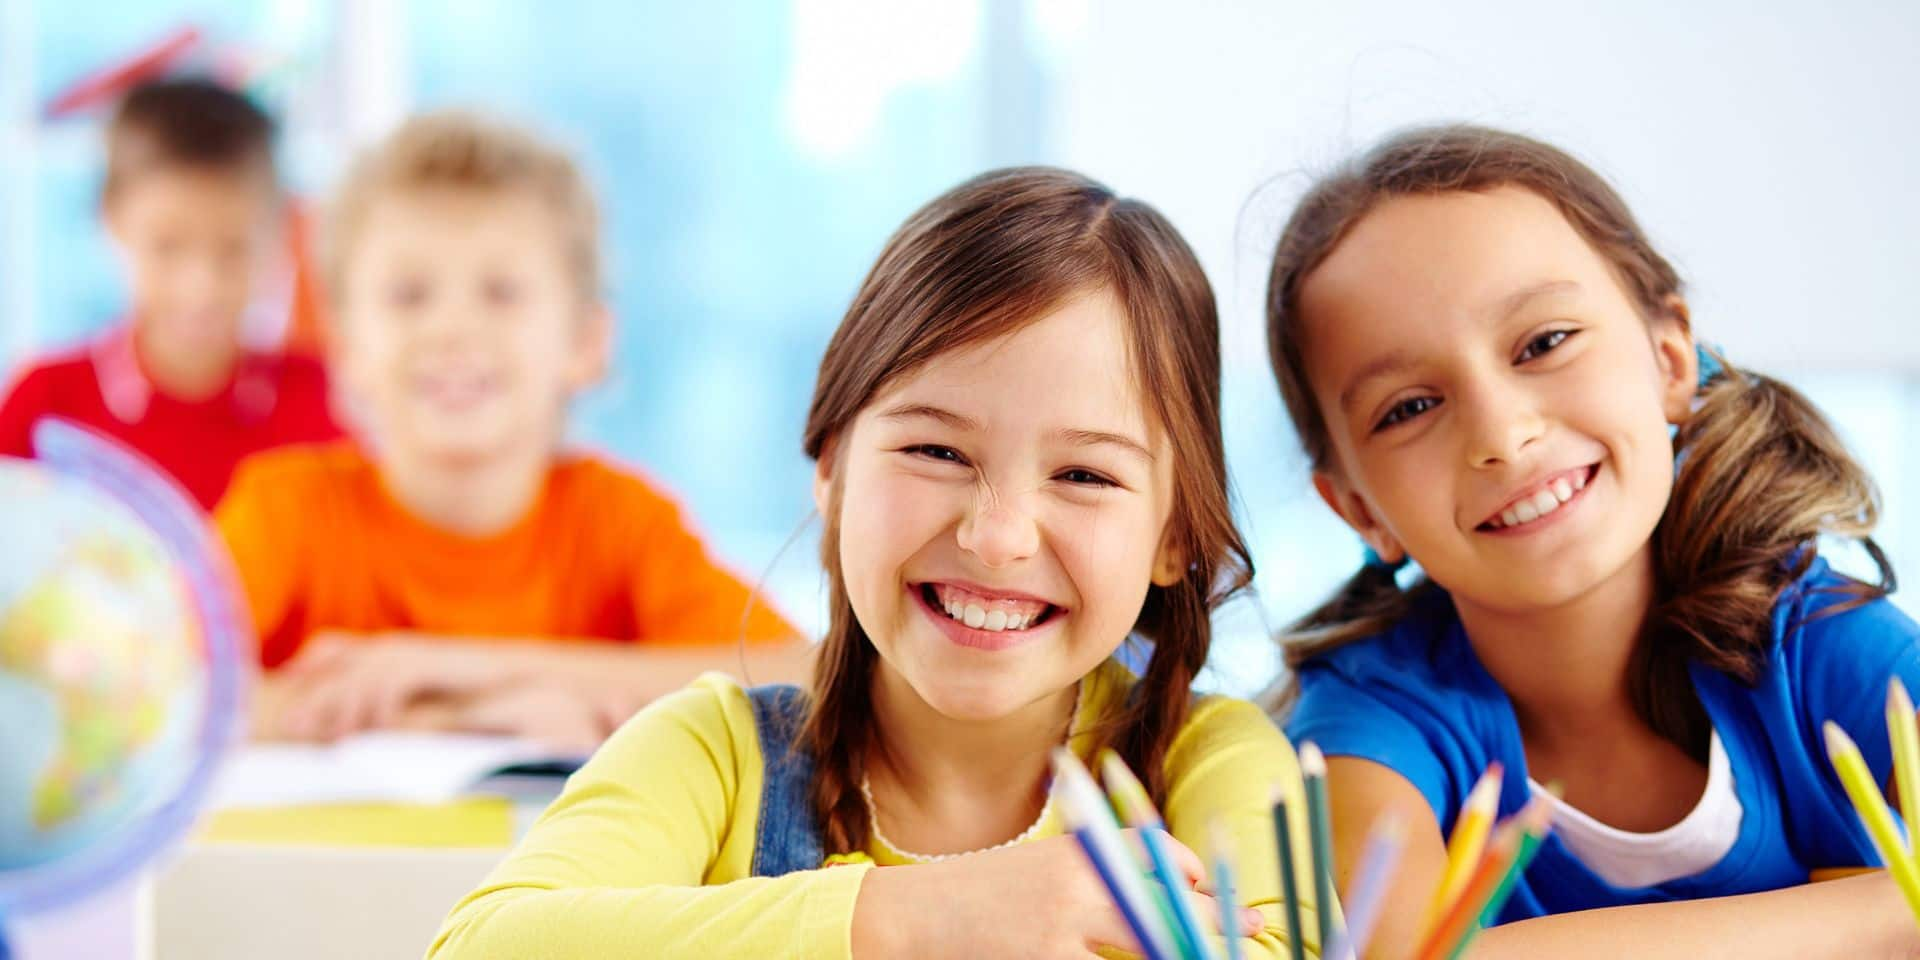 """""""Remettez vos enfants à l'école, pour leur santé mentale"""" : le conseil d'une pédopsychiatre de l'hôpital des enfants"""